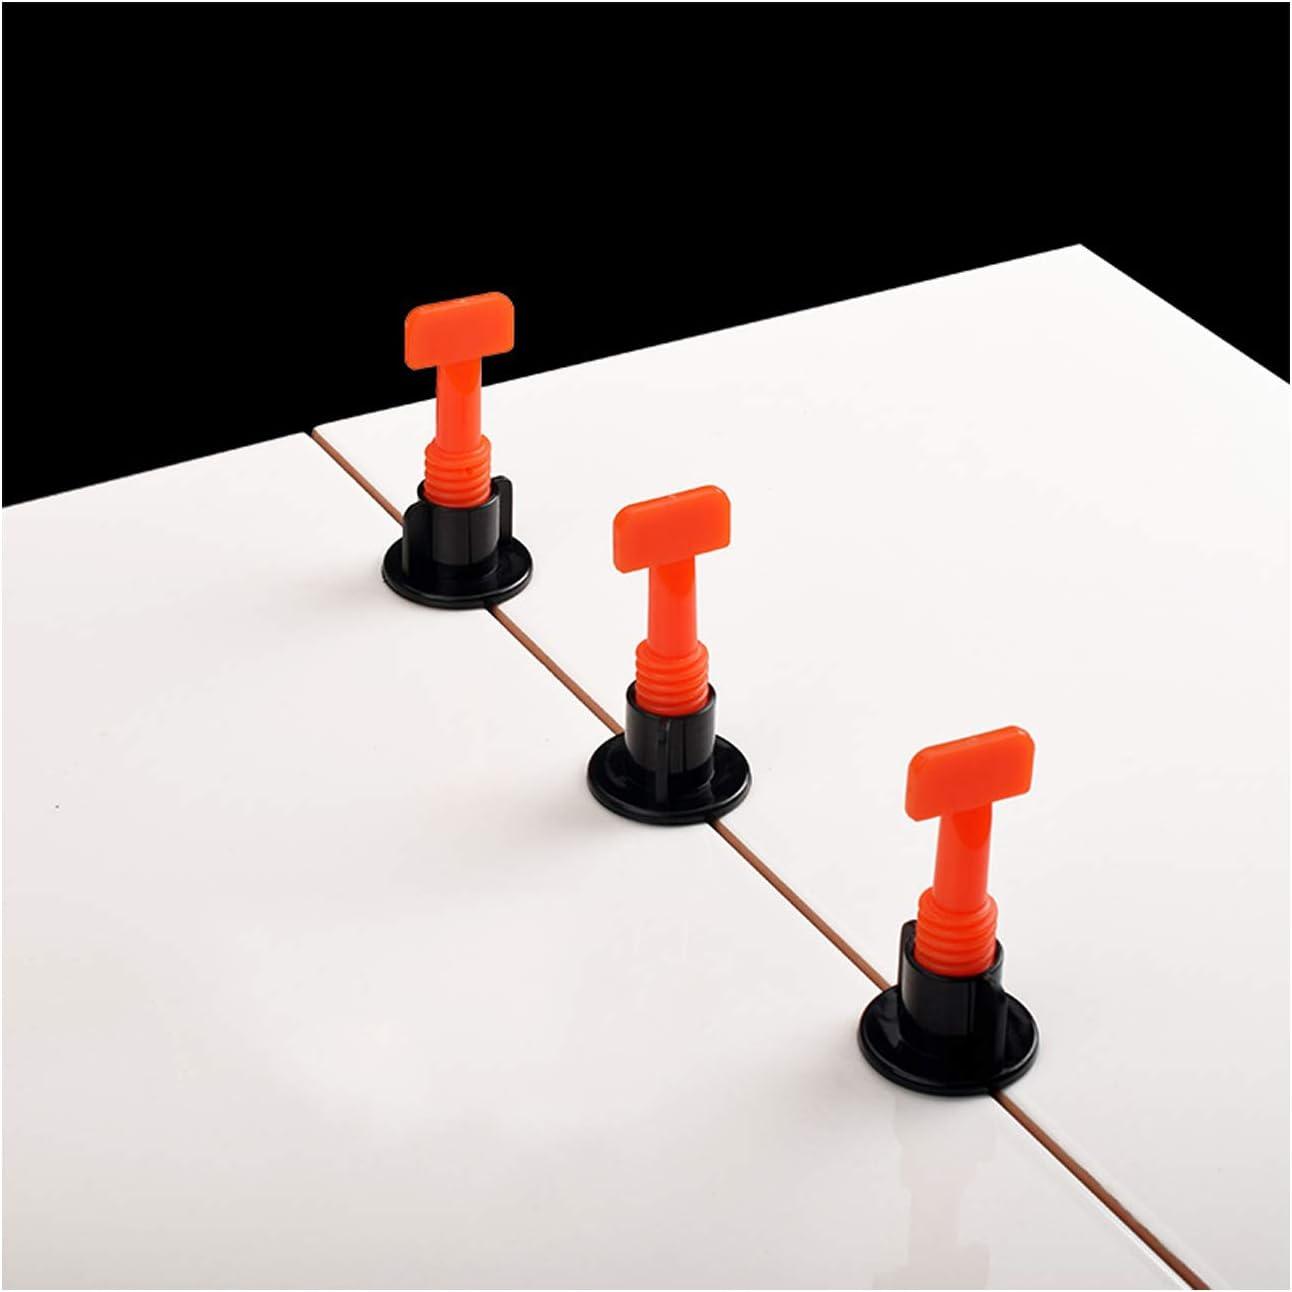 Wandfliesen Bauwerkzeug Dicke 1,5 mm Gr/ö/ße: 100 St/ück 1,5 mm Fliesenkeil-Set mit 100 Ersatz-Stahlnadeln f/ür Bodenfliesen